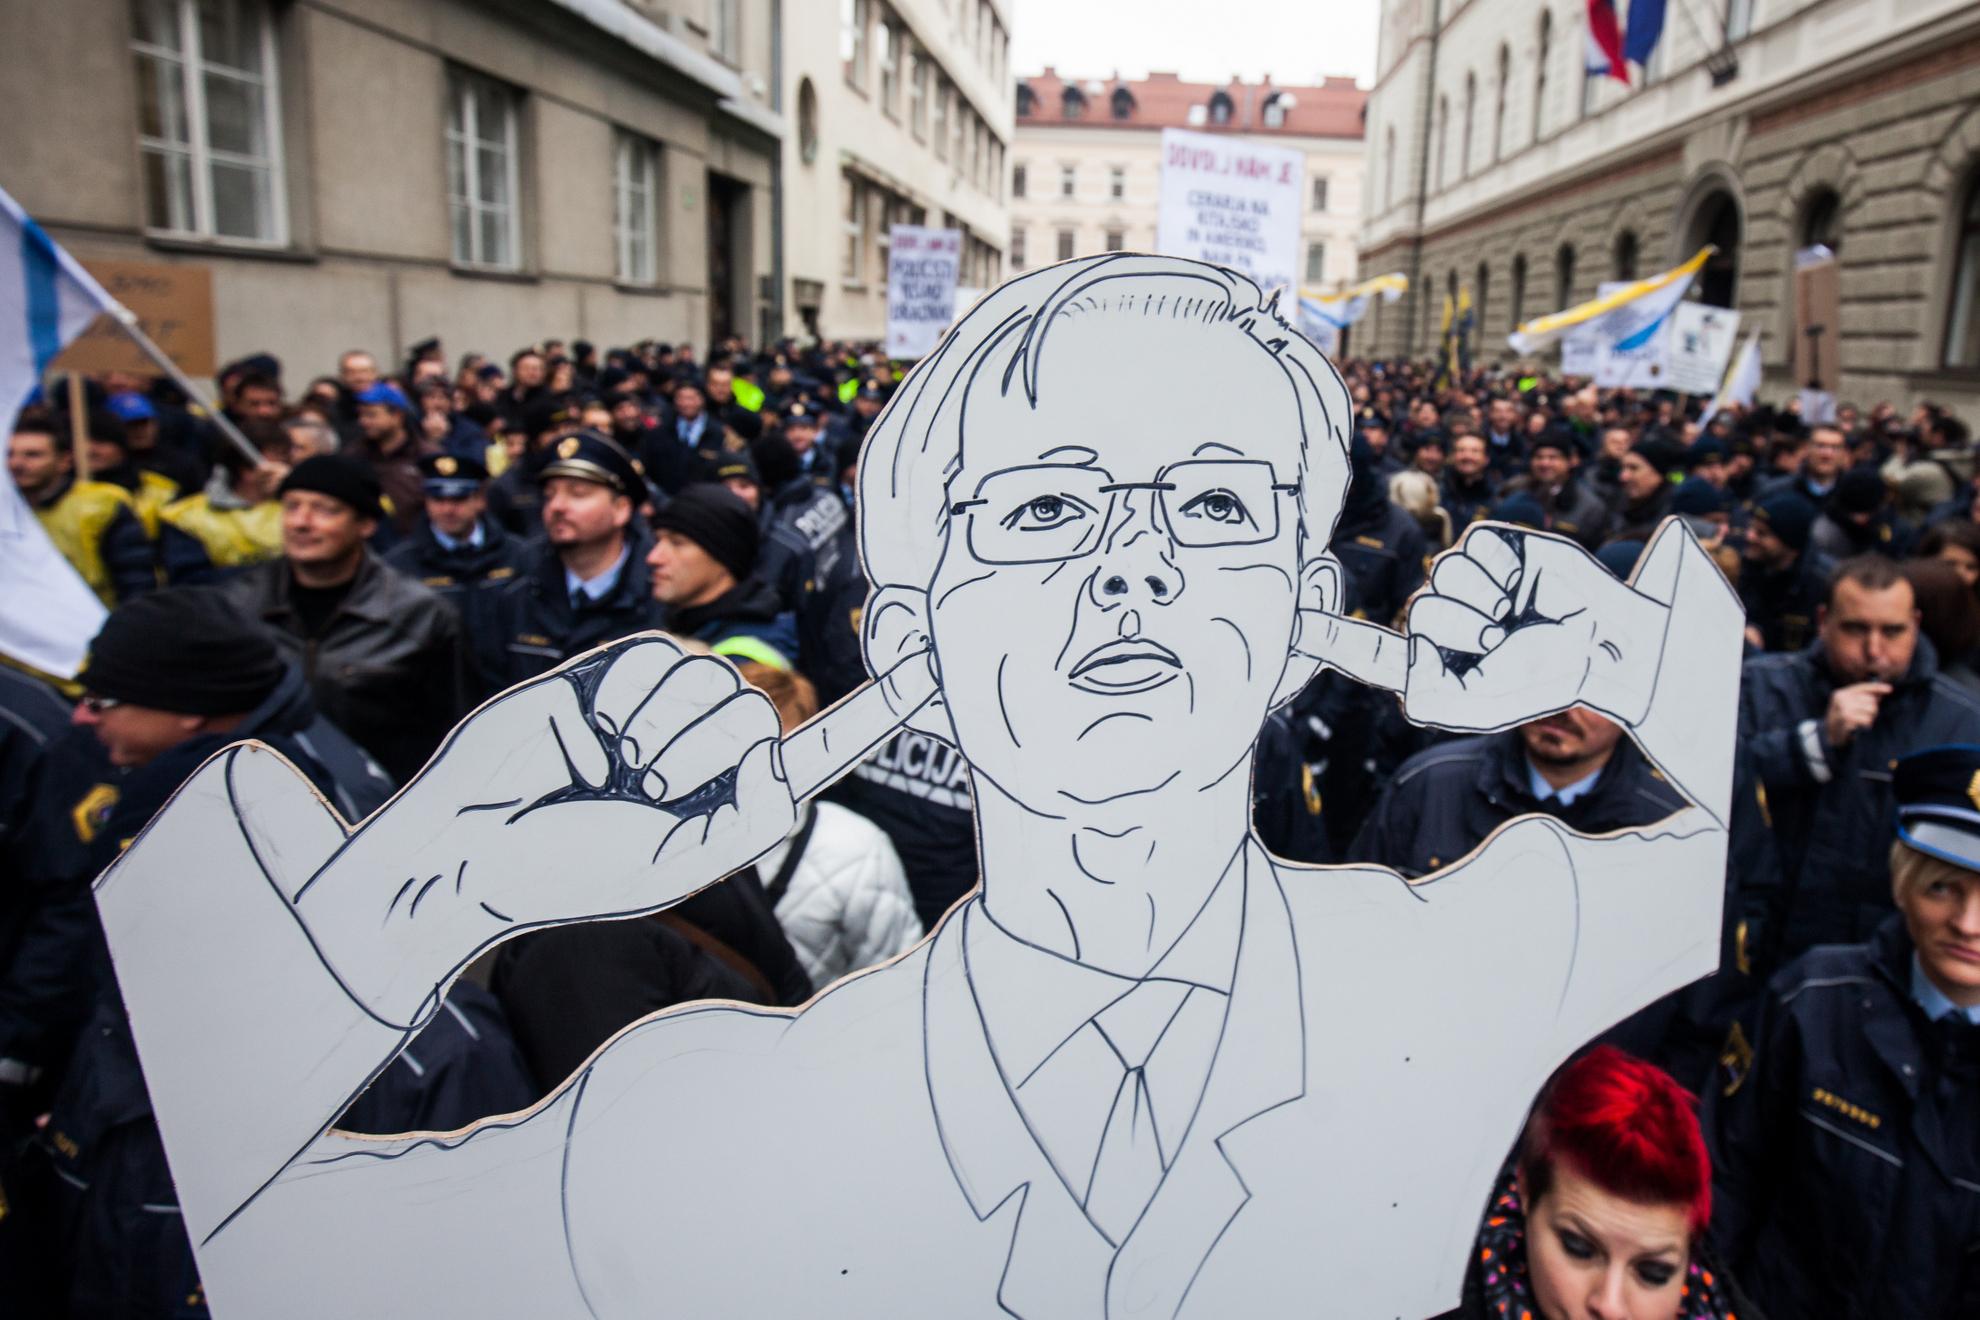 Ljubljana, Stavka policistov. Transparent premieja Mira Cerarja pred stavkajočimi policisti na Gregorčičevi ulici pred vlado.